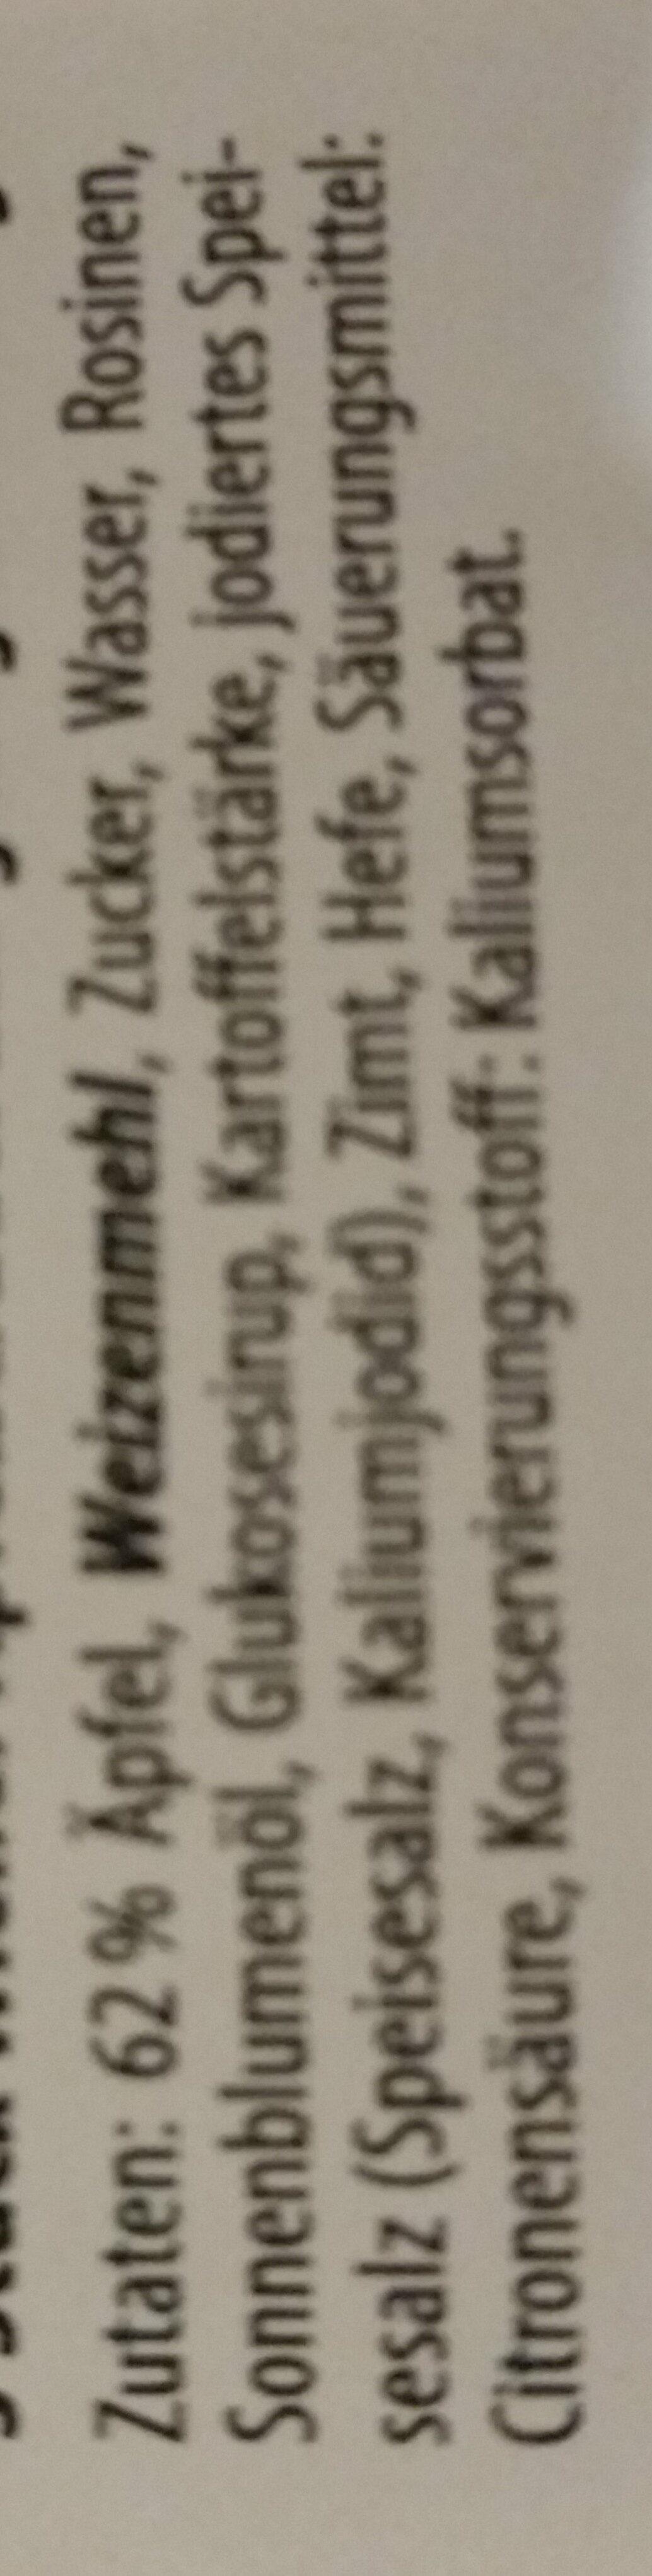 Wiener Apfelstrudel - Ingredients